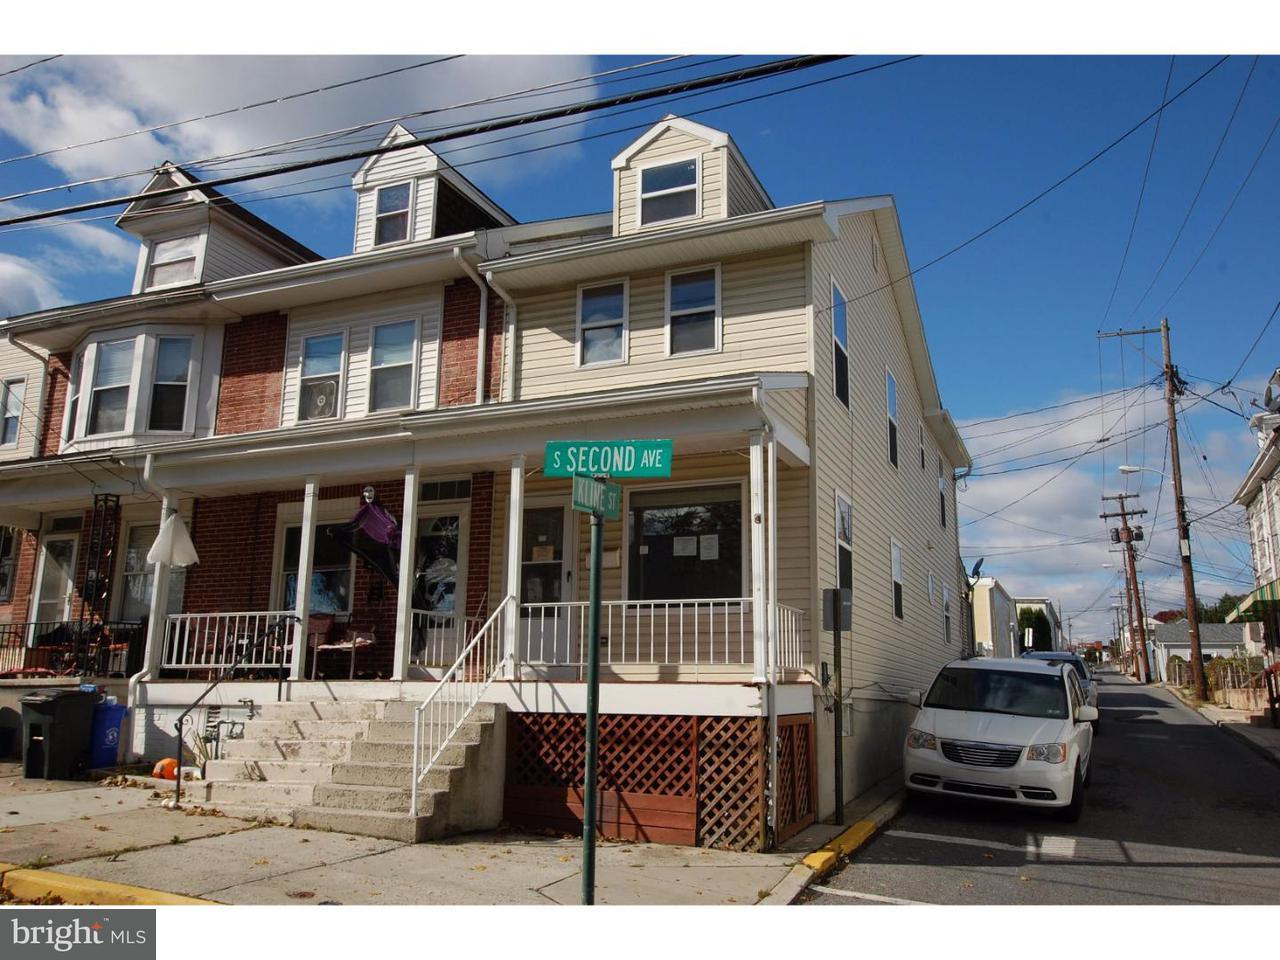 Casa unifamiliar adosada (Townhouse) por un Venta en 212 S 2ND Avenue West Reading, Pennsylvania 19611 Estados Unidos